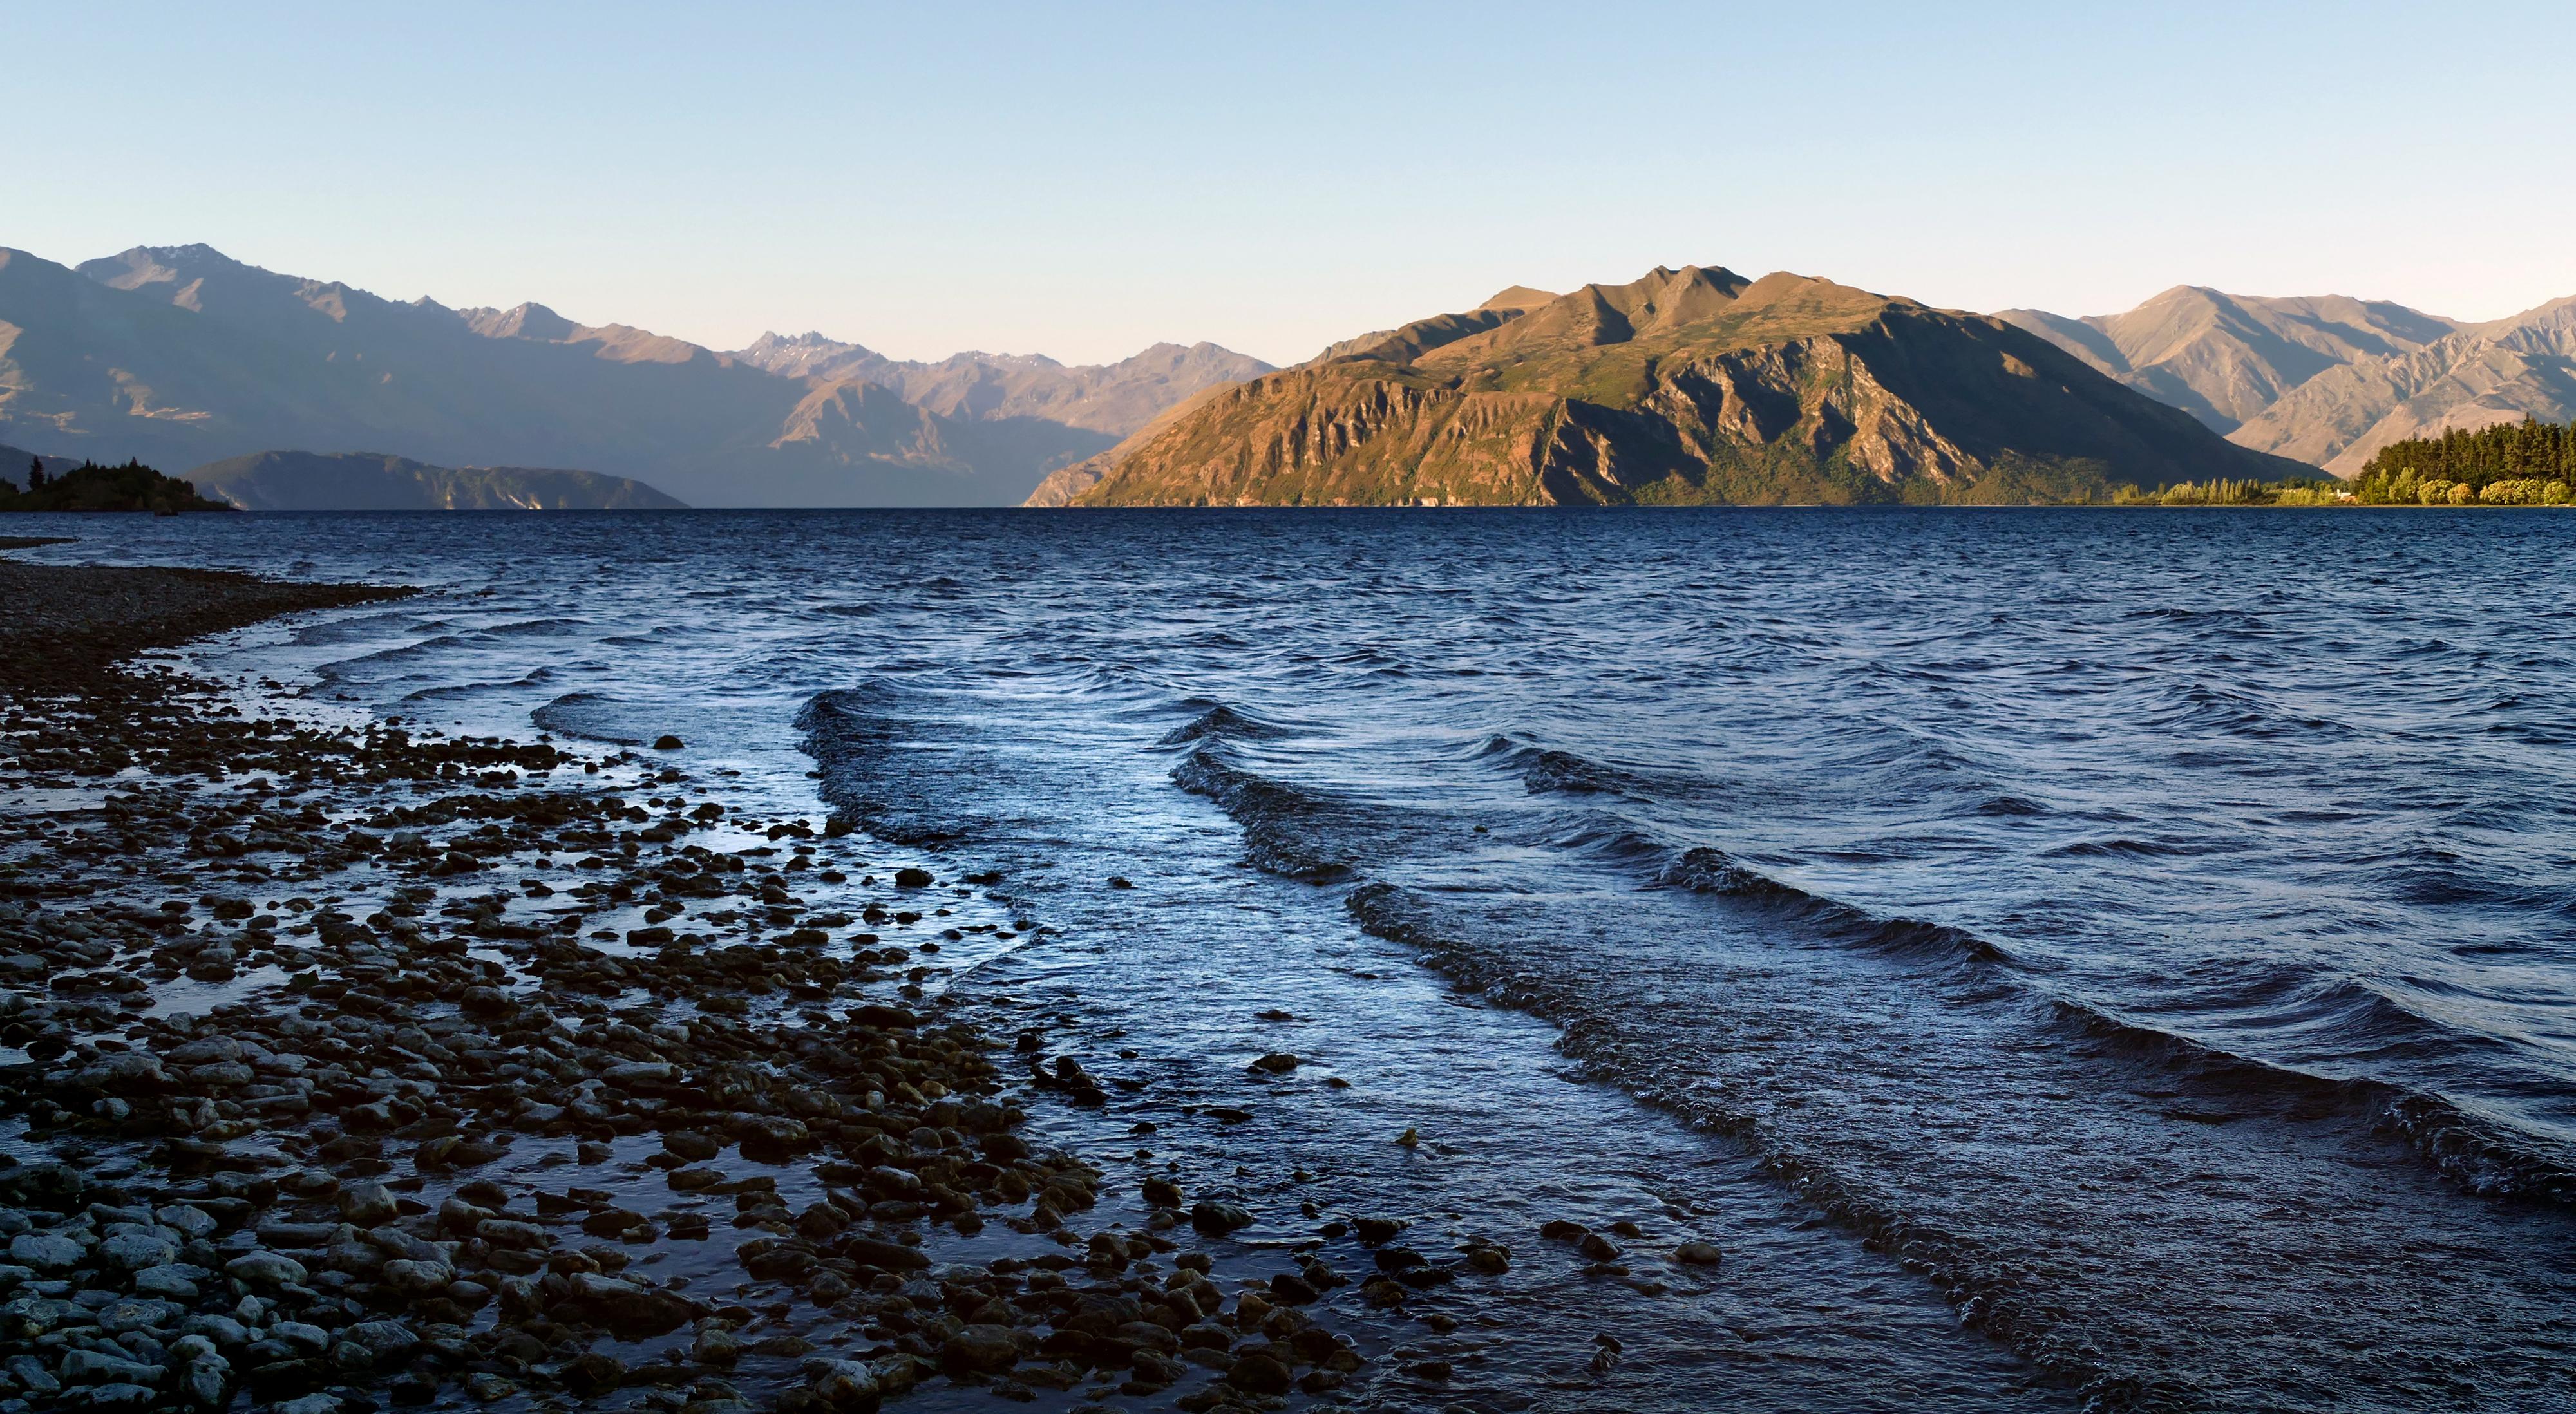 Evening. lake wanaka. nz photo